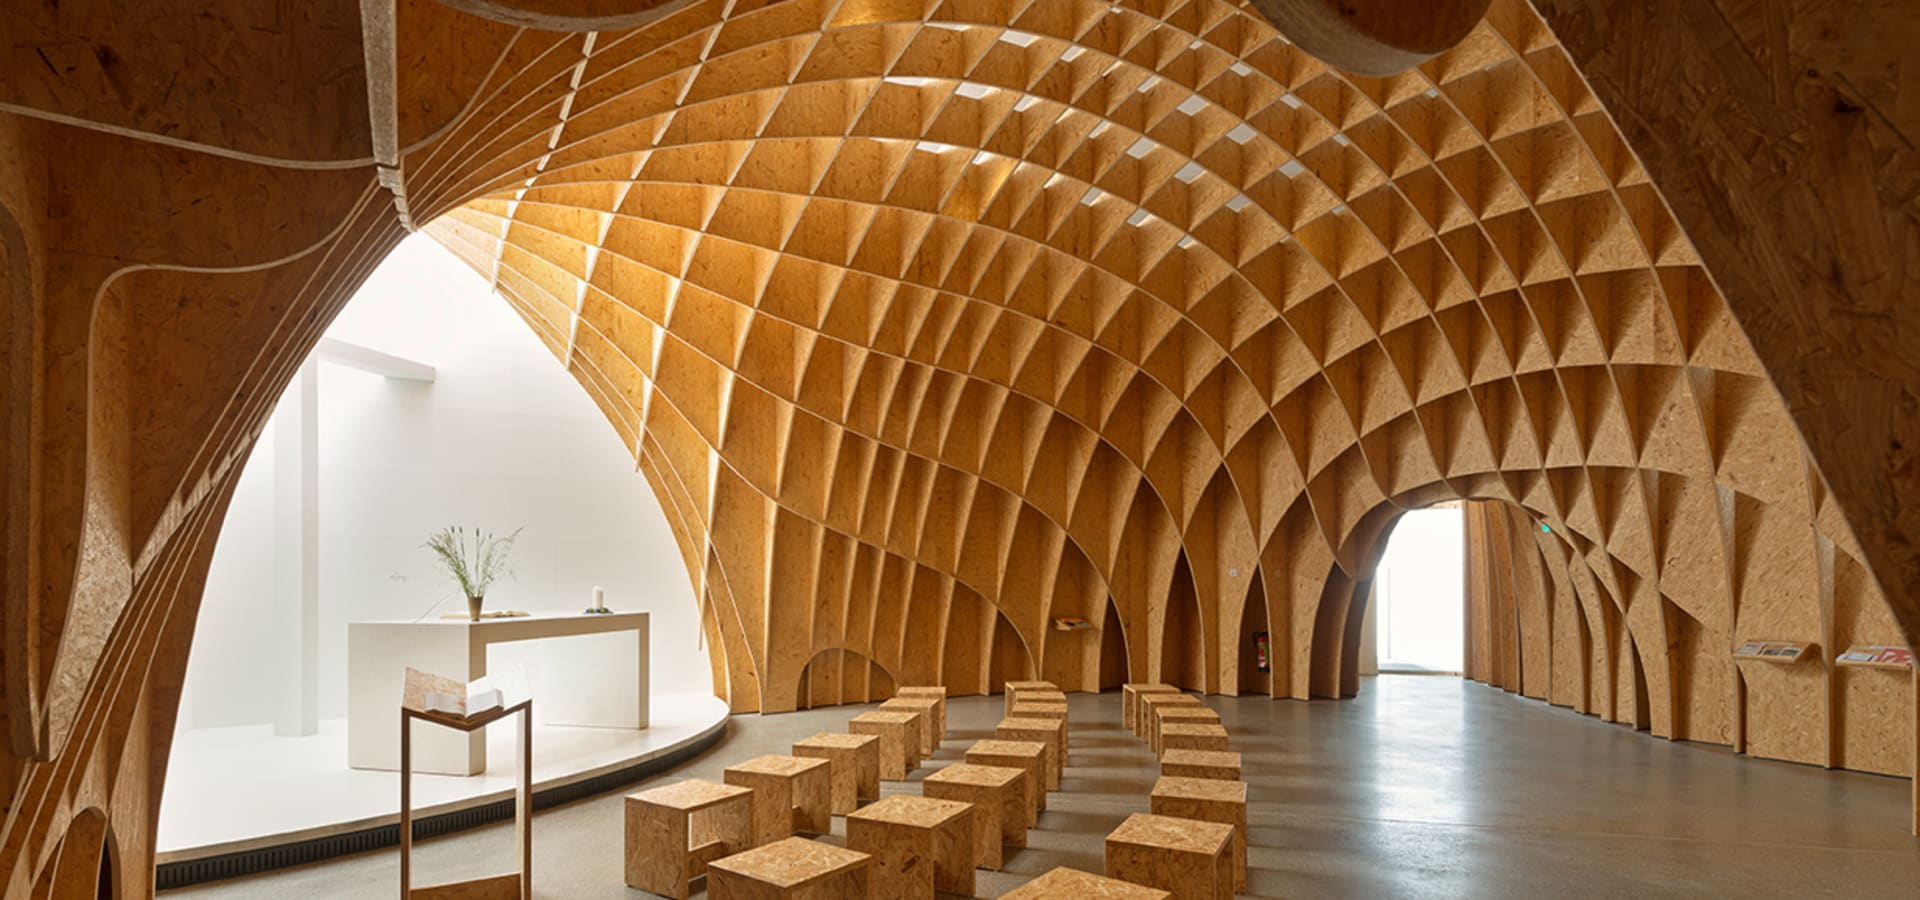 autobahnkirche siegerland von schneider schumacher planungsgesellschaft mbh homify. Black Bedroom Furniture Sets. Home Design Ideas